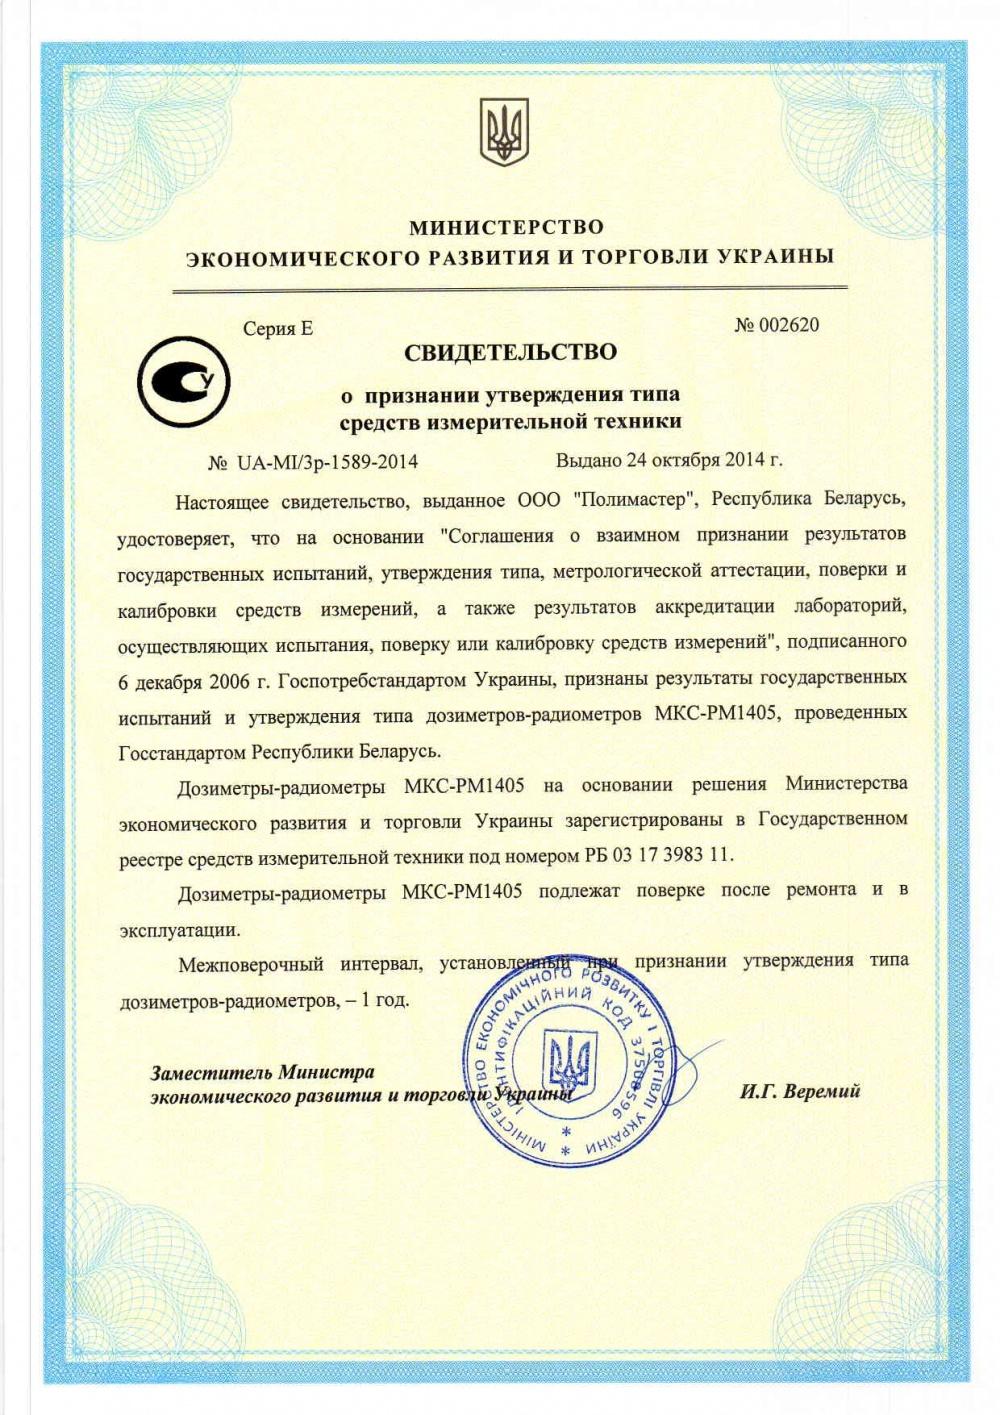 Дозиметр-радиометр МКС-РМ1405 - 4